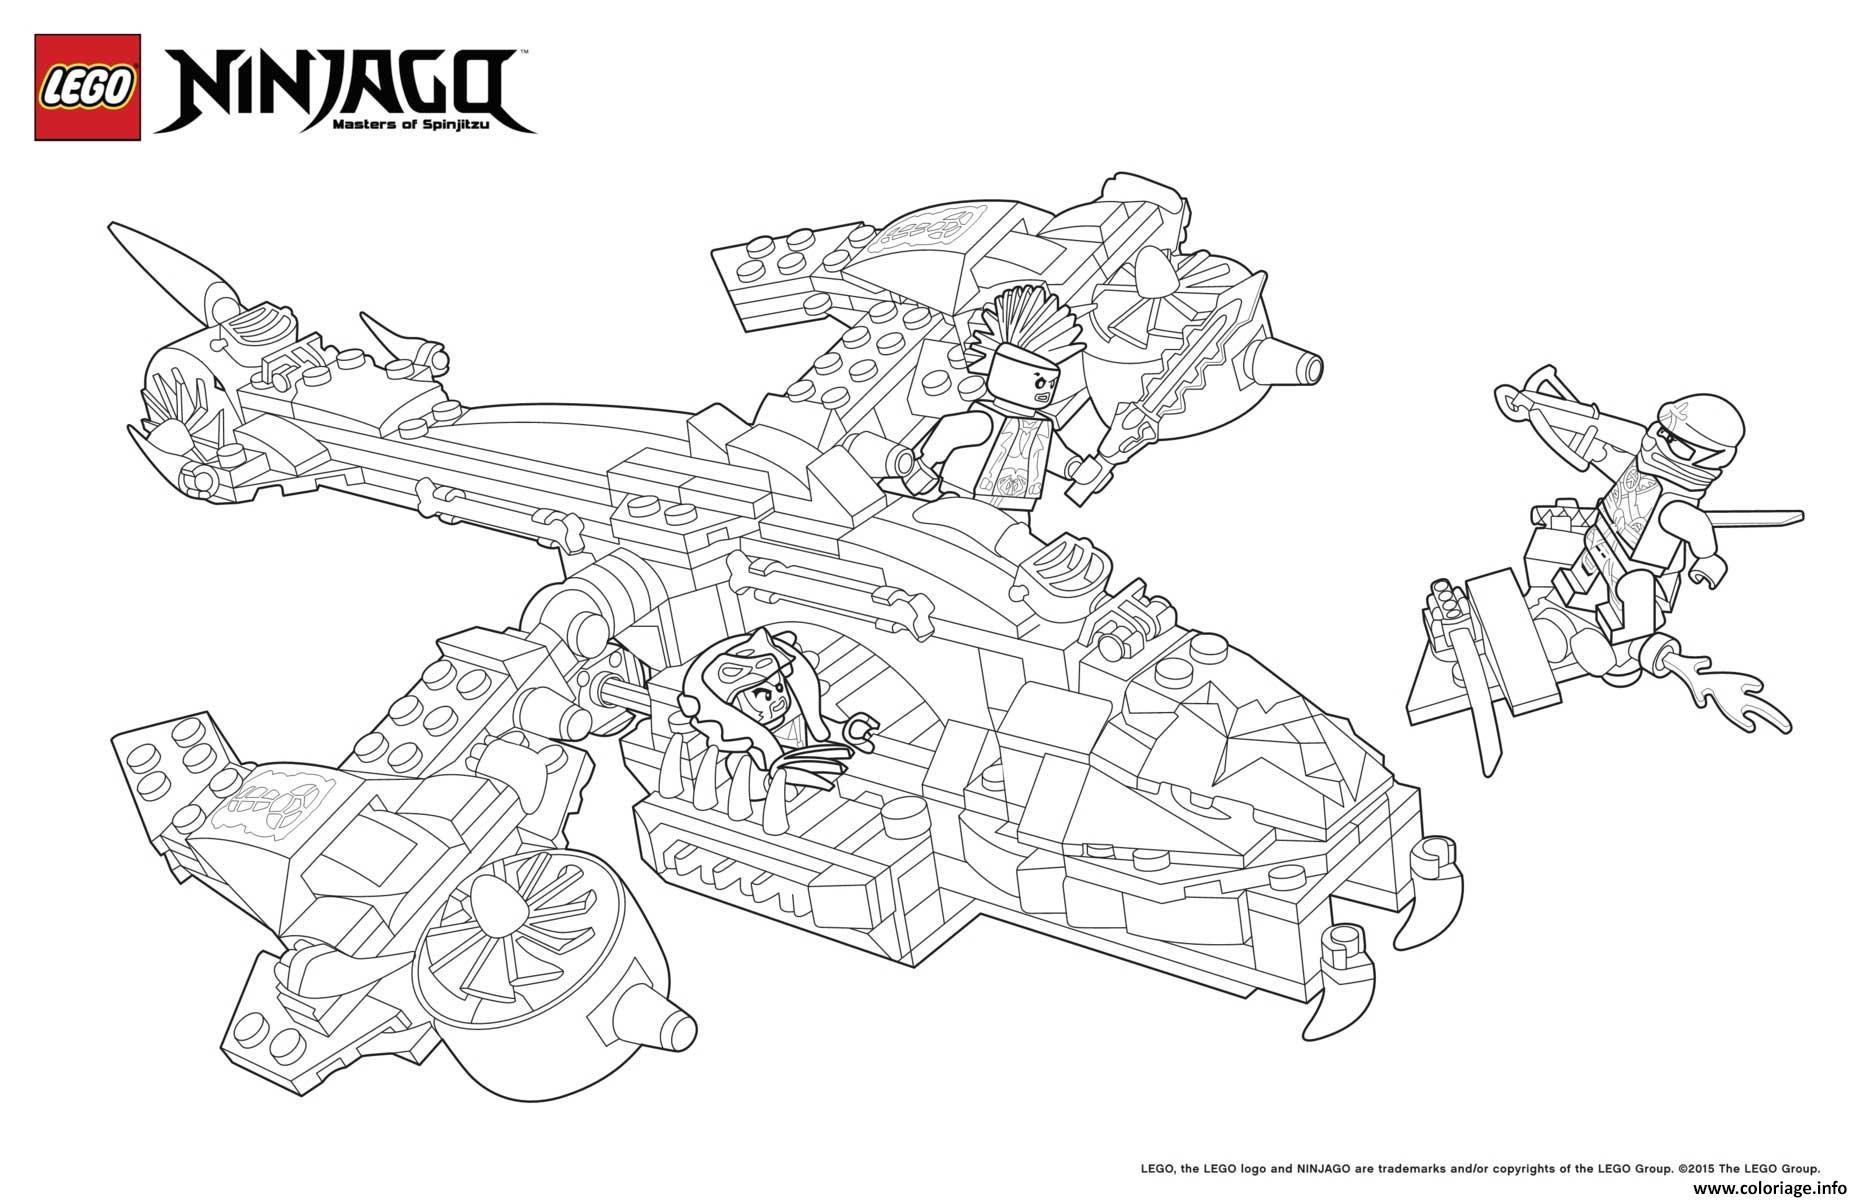 Coloriage ninjago lego avion de chasse dessin - Dessin de chasse ...